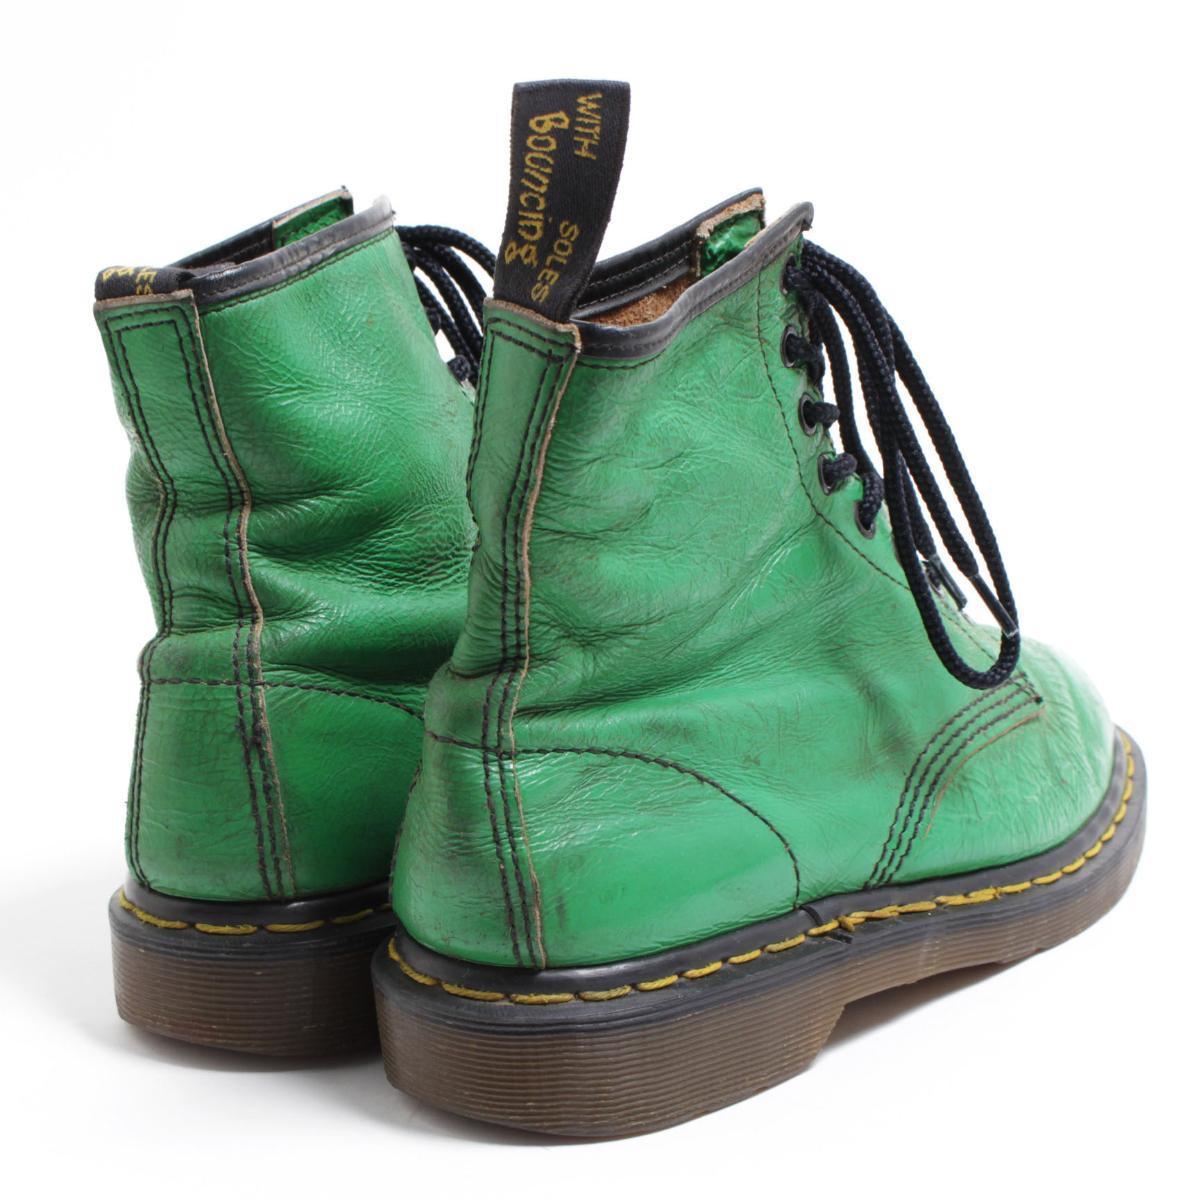 UK7 men 25.5cm /bom6467 made in the doctor Martin Dr.Martens 8 hall boots U.K.